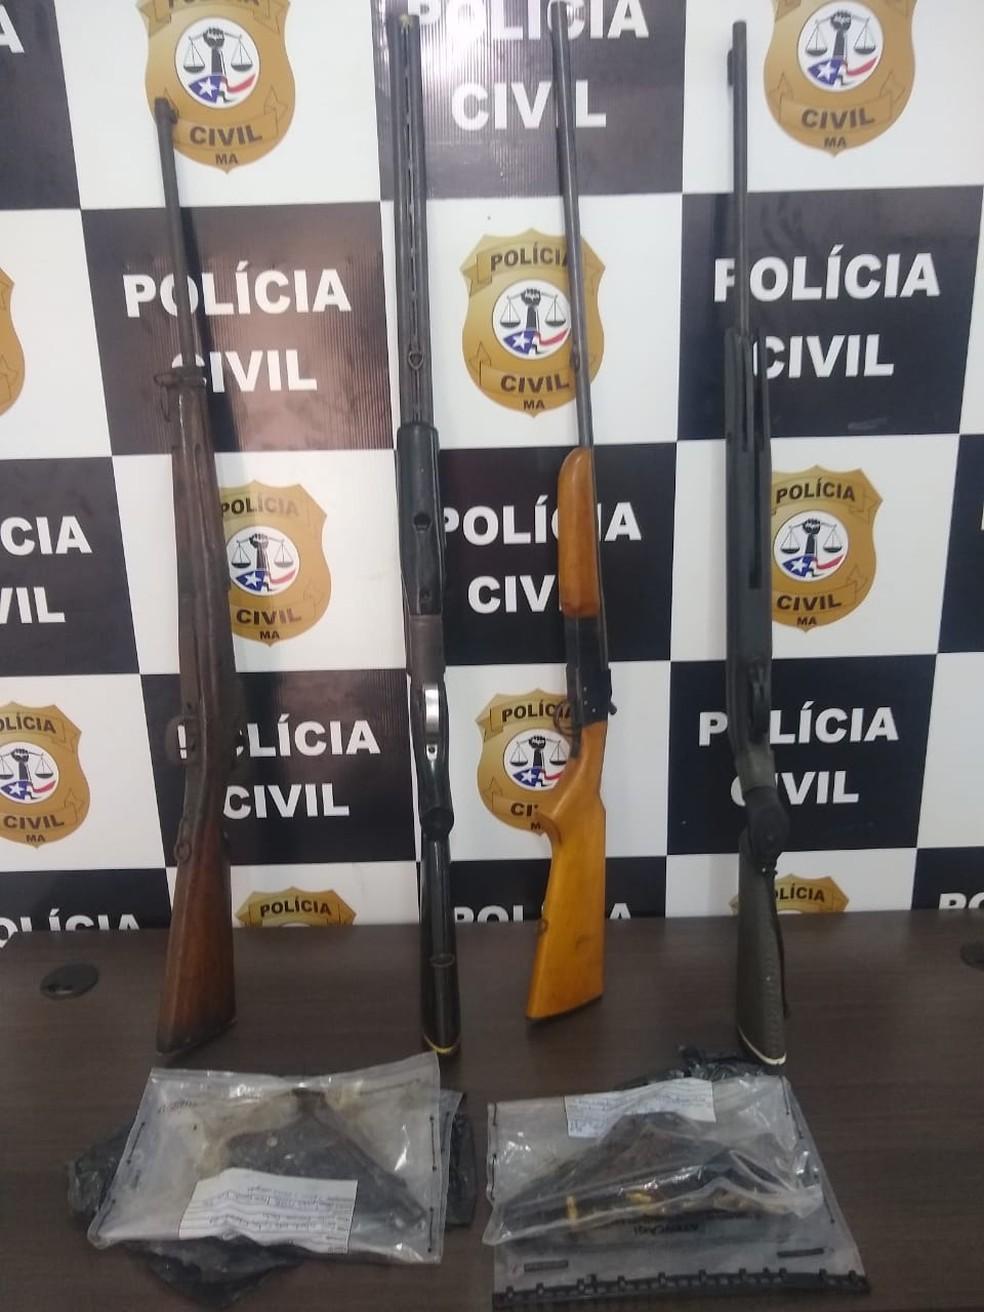 Armas encontradas na casa do homem preso por homicídio, que não teve o nome divulgado pela polícia — Foto: Divulgação/Polícia Civil